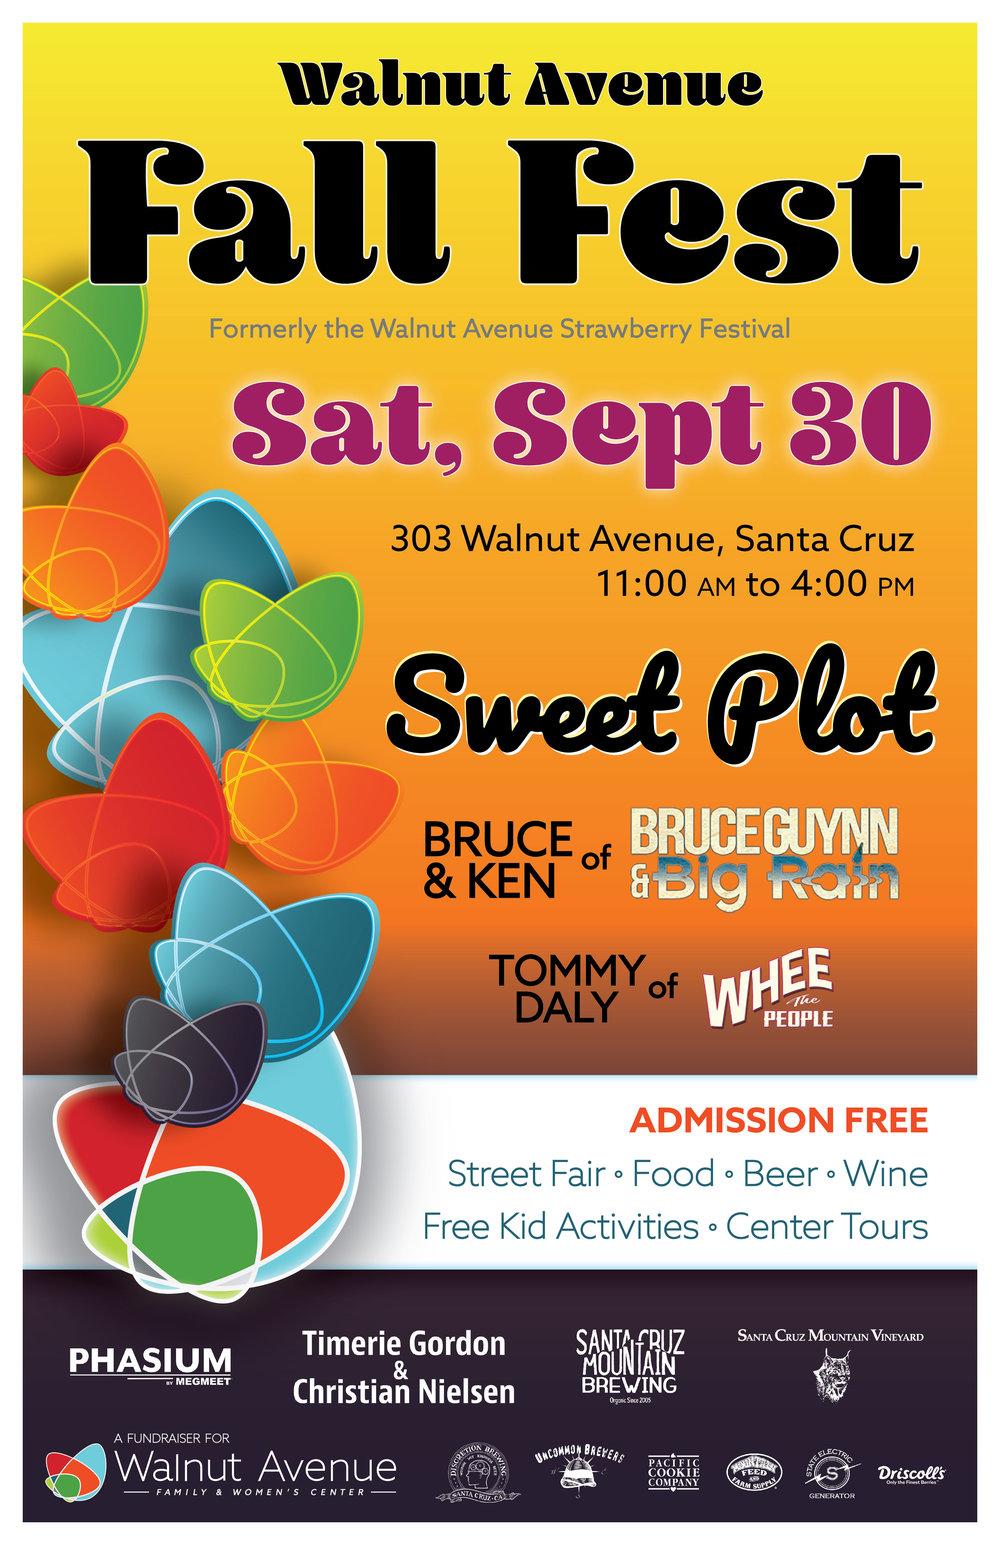 Fall Fest Poster Final 11x17.jpg